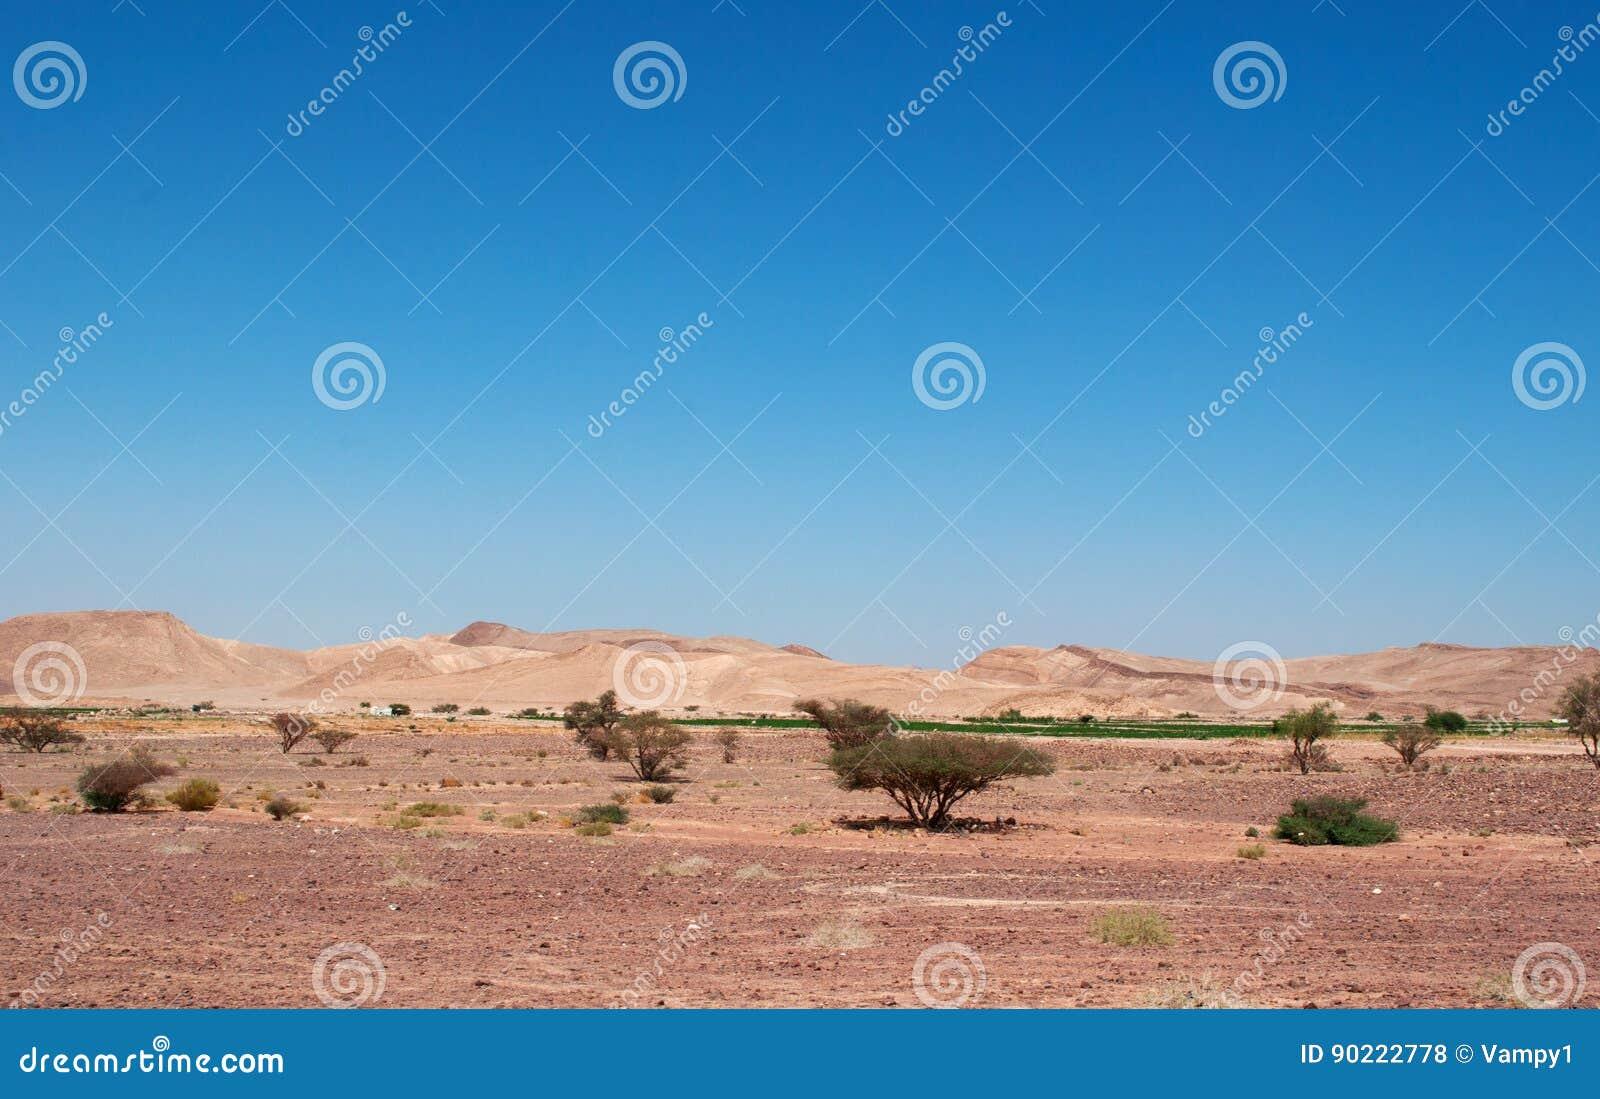 Mountains, Dirt Road, Desert, Landscape, Climate Change ...